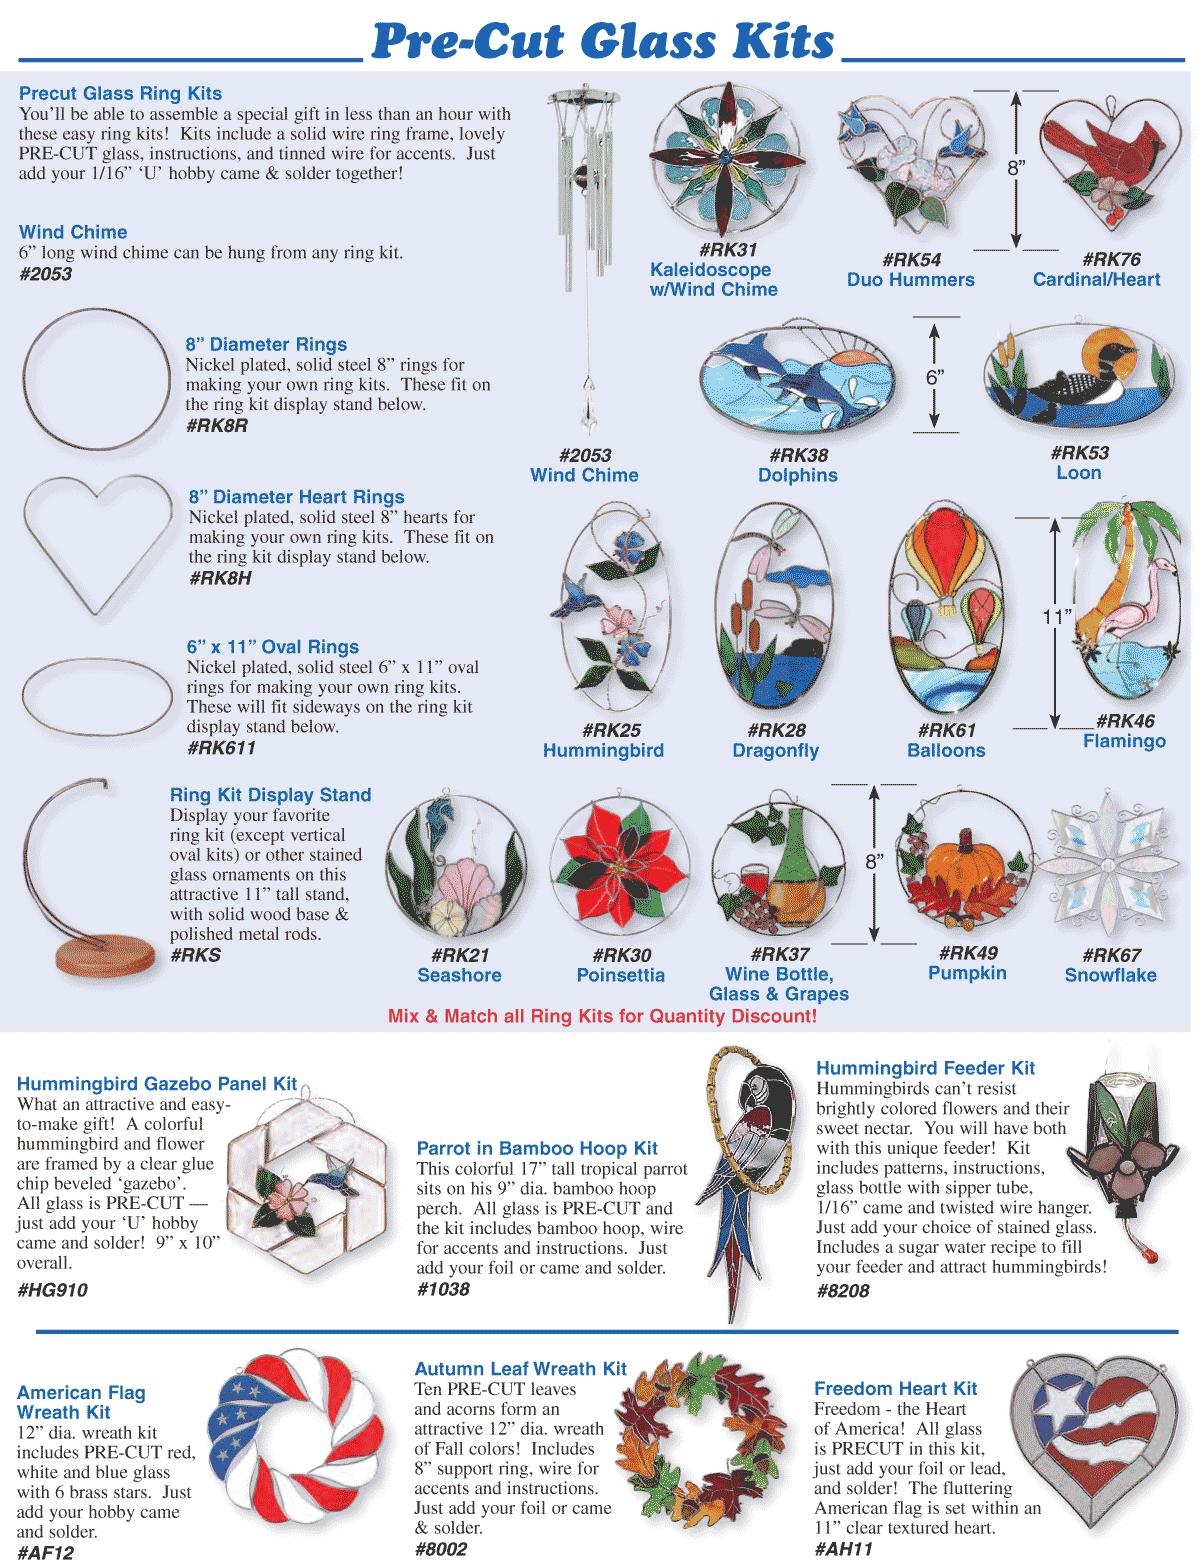 Pre-Cut Glass Kits